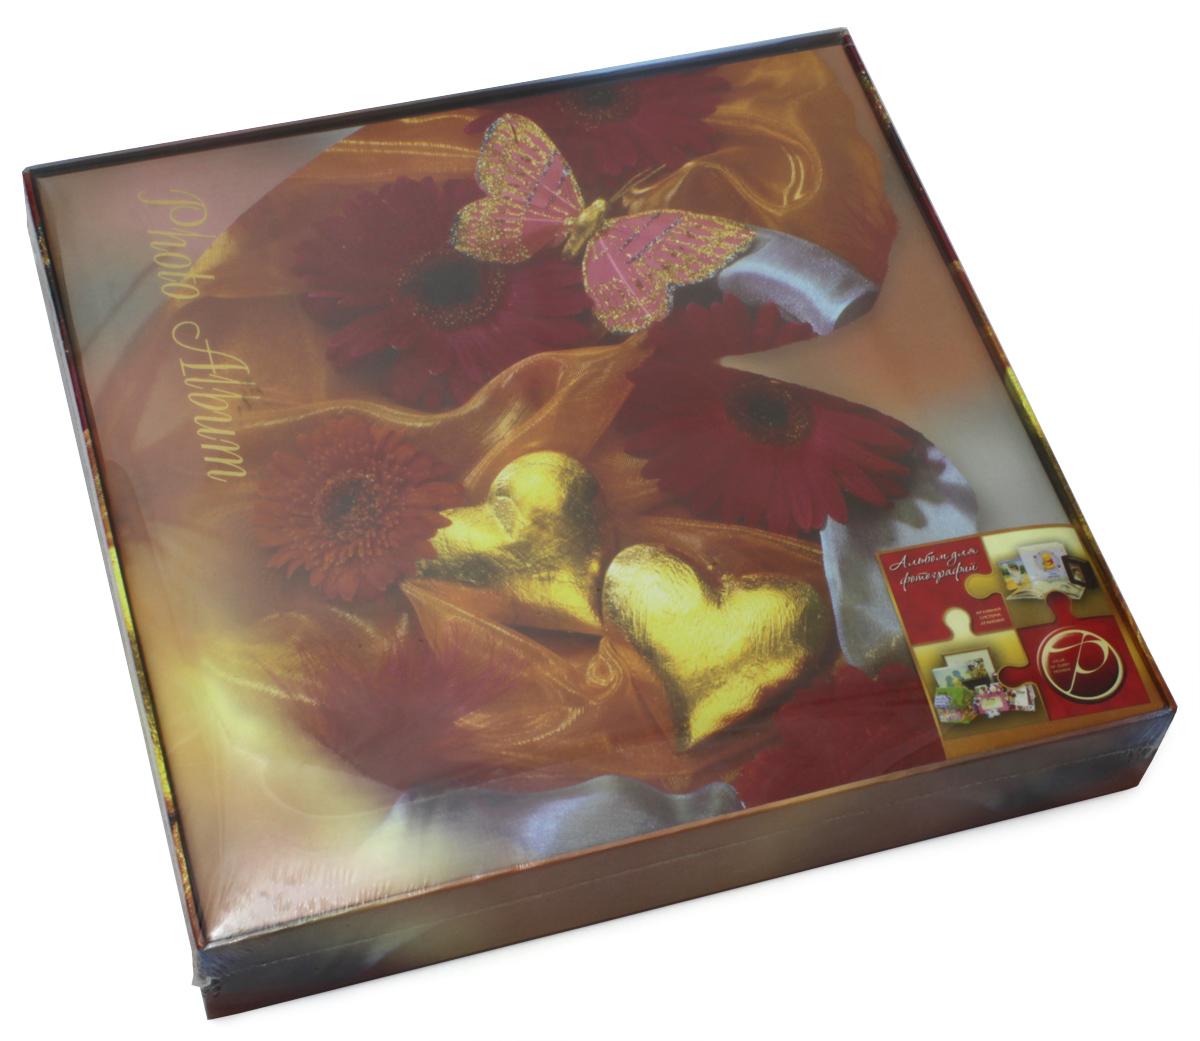 Фотоальбом Pioneer Butterfly Dream, 20 магнитных листов, 28 х 31 см. 124673U210DFФотоальбом Butterfly Dream поможет красиво оформить ваши фотографии.Обложка, выполненная из толстого ламинированного картона,оформлена ярким изображением. Альбом с магнитными листами удобен тем, что он позволяет размещать фотографии разных размеров. Тип переплета - болтовой. Материалы, использованные в изготовлении альбома, обеспечивают высокое качество хранения ваших фотографий, поэтому фотографии не желтеют со временем. Магнитные страницы обладают следующими преимуществами: - Не нужно прикладывать усилий для закрепления фотографий; - Не нужно заботиться о размерах фотографий, так как вы можете вставить вальбом фотографии разных размеров; - Защита фотографий от постоянных прикосновений зрителей с помощью пленки ПВХ.Нам всегда так приятно вспоминать о самых счастливых моментах жизни, запечатленных на фотографиях. Поэтому фотоальбом является универсальным подарком к любому празднику.Количество листов: 20 шт.Размер листа: 28 см х 31 см.